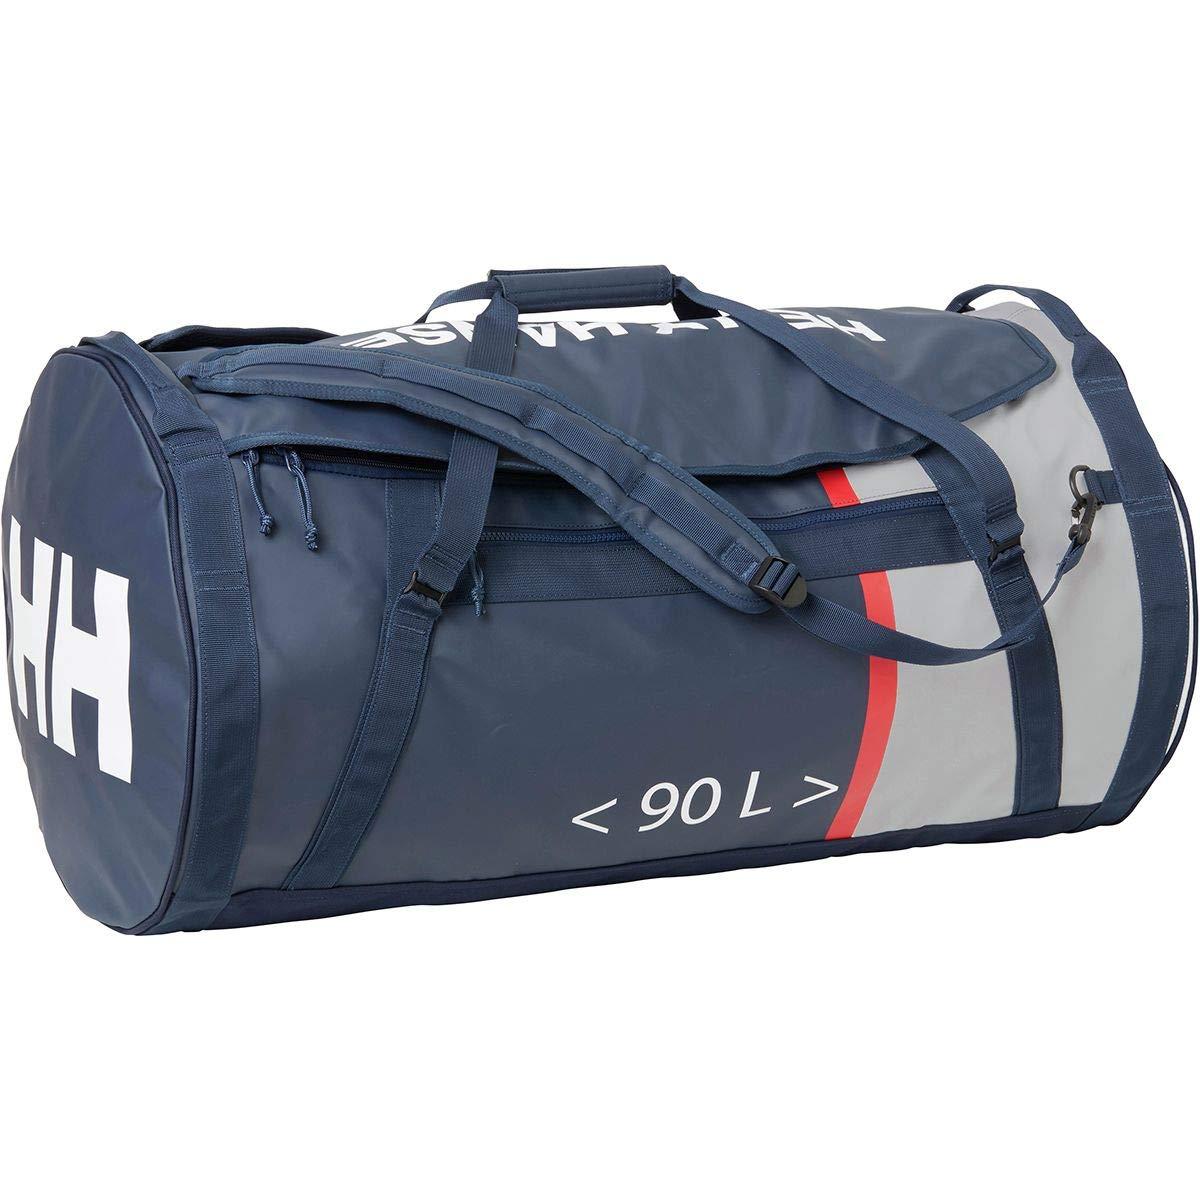 Helly Hansen Men HH Duffel 2 90L Bag - Evening Blue, Large